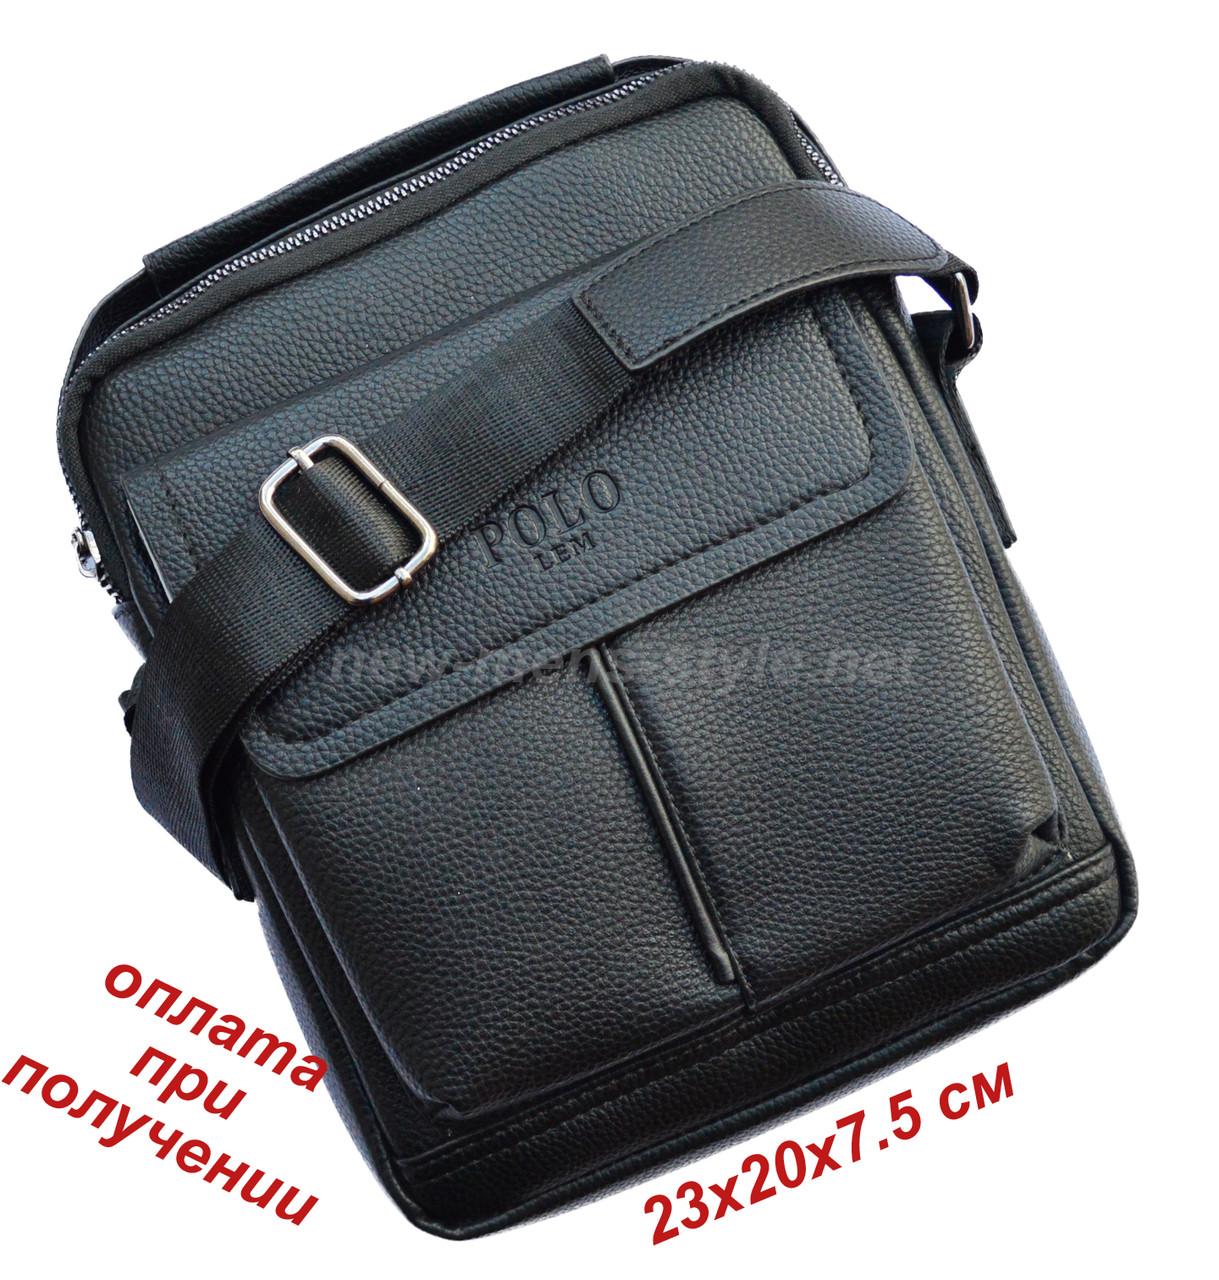 aa25e5fc14be Мужская чоловіча кожаная сумка барсетка через плечо с ручкой POLO NEW